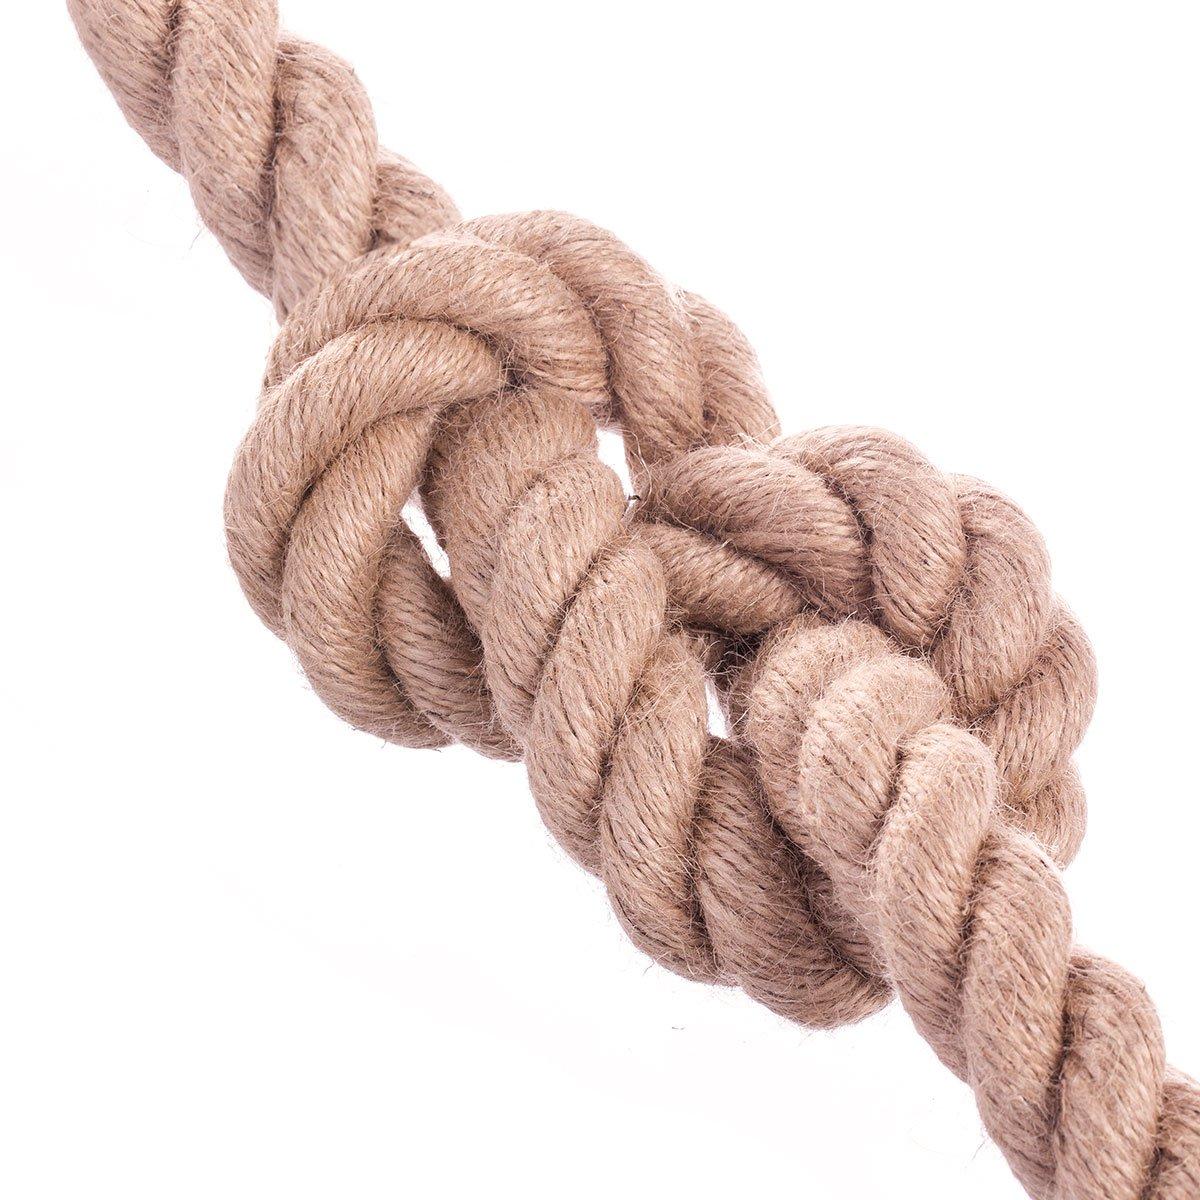 JUTESEIL Naturfasern gedreht Tauwerk Hanf Jute Tau Seil Tauziehen Absperrseil Handlauf 10m 40mm